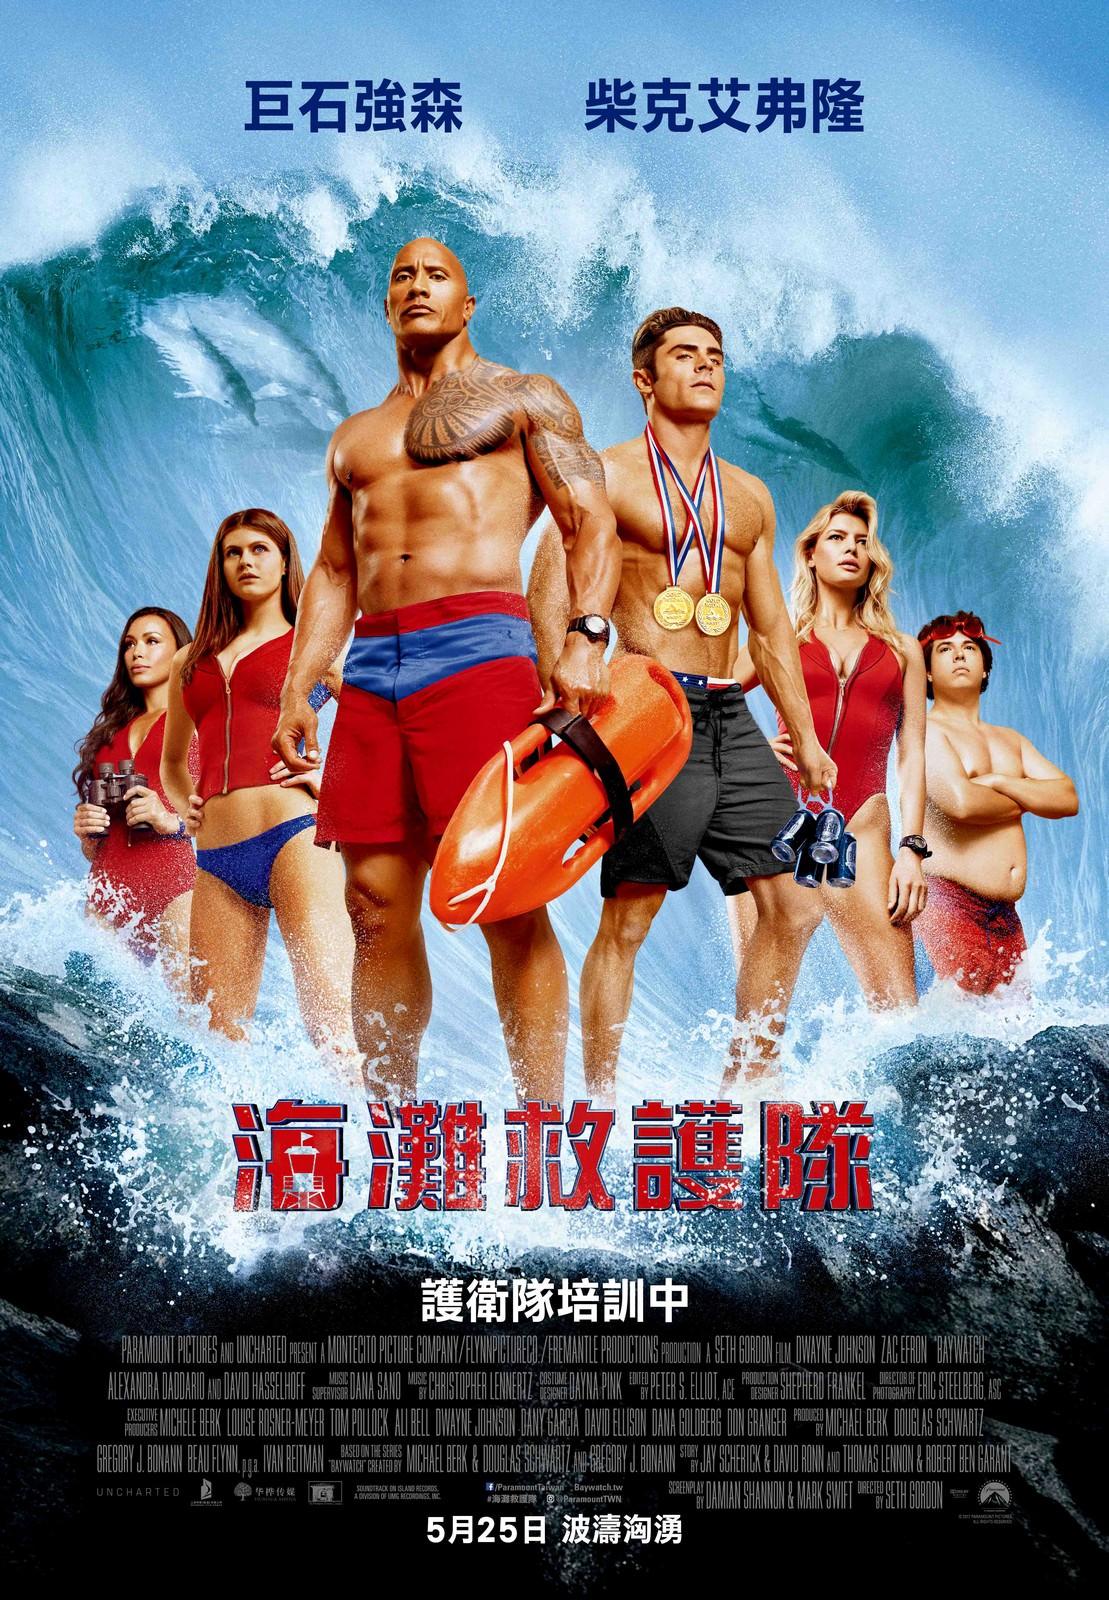 Movie, Baywatch(美國, 2017年) / 海灘救護隊(台灣) / 沙灘拯救隊(香港) / 海滩游侠(網路), 電影海報, 台灣